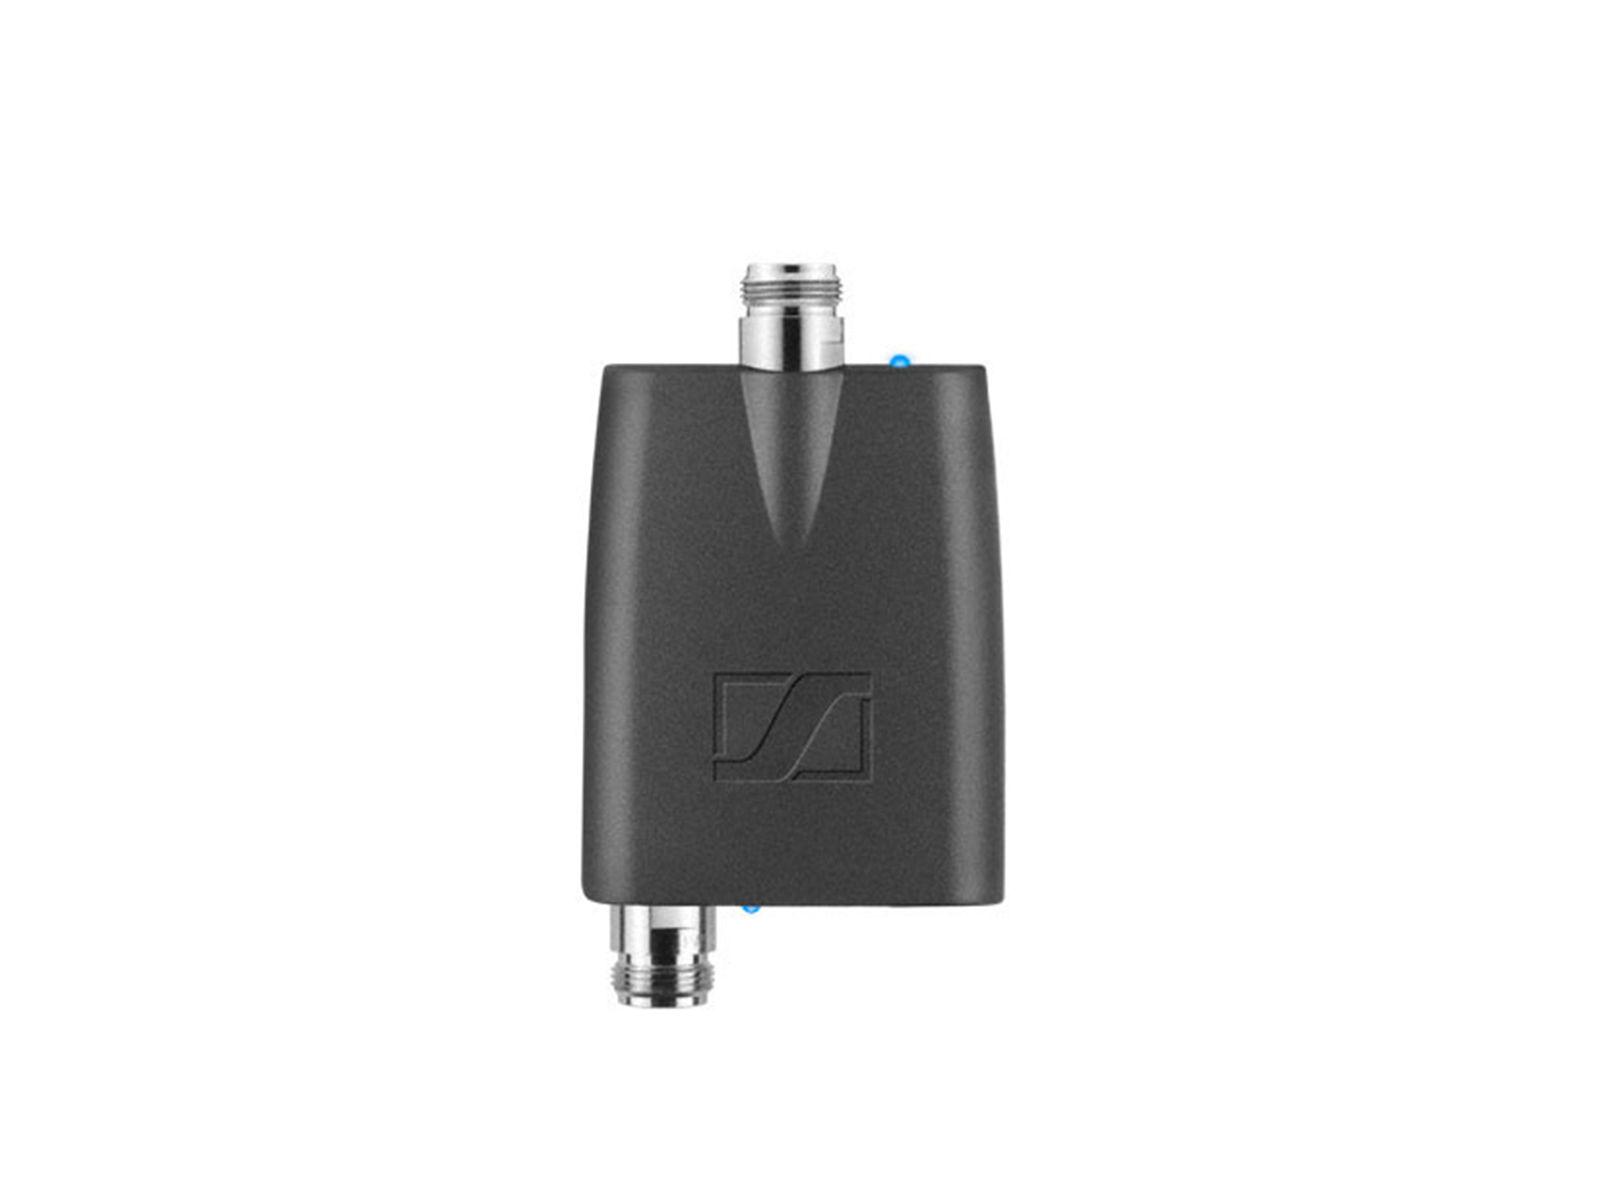 Sennheiser AB 9000 A1-A8 | Antennenverstärker, 470-638MHz, +17 dB, N-Anschluss